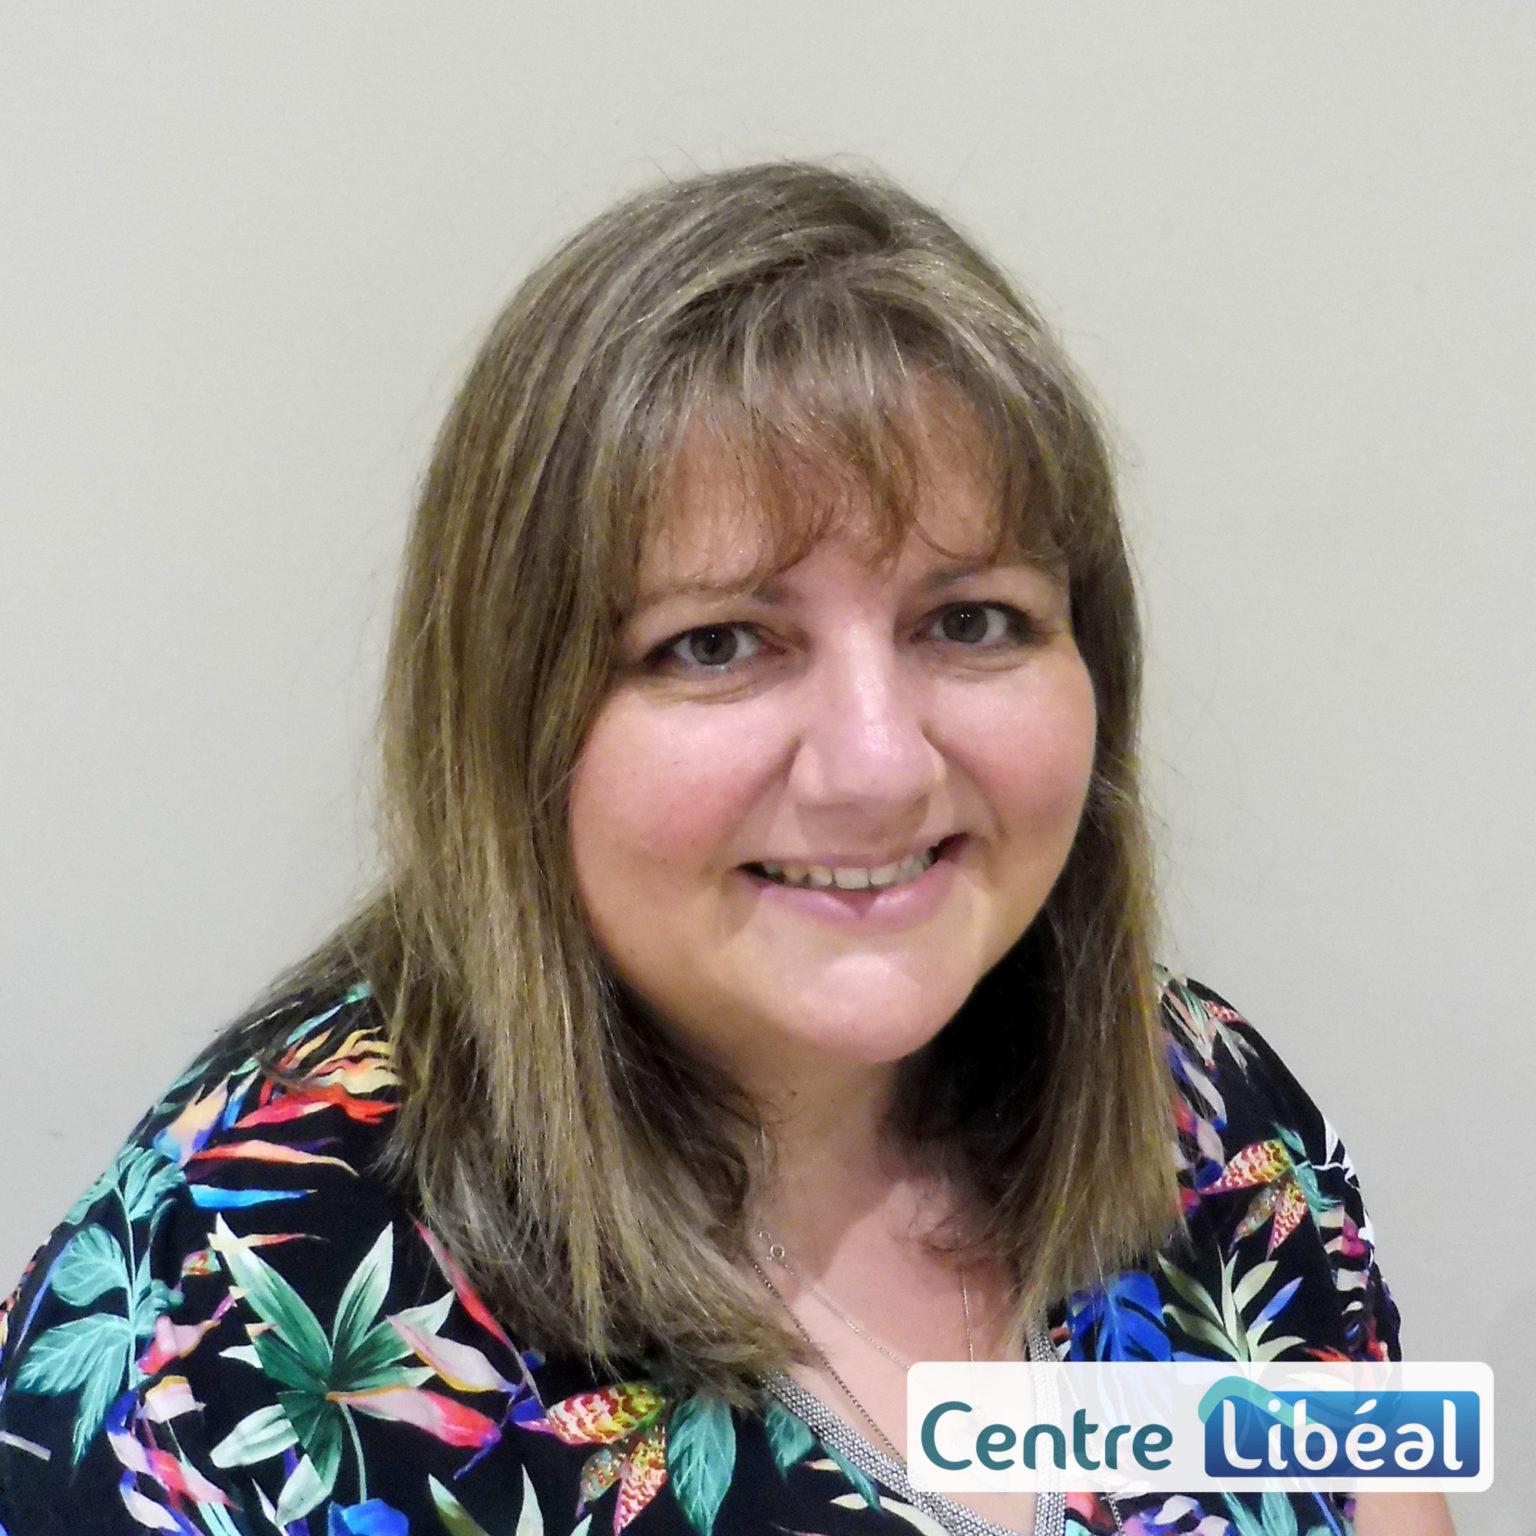 Cathy Geroge Parentalité Coach Centre Libéal